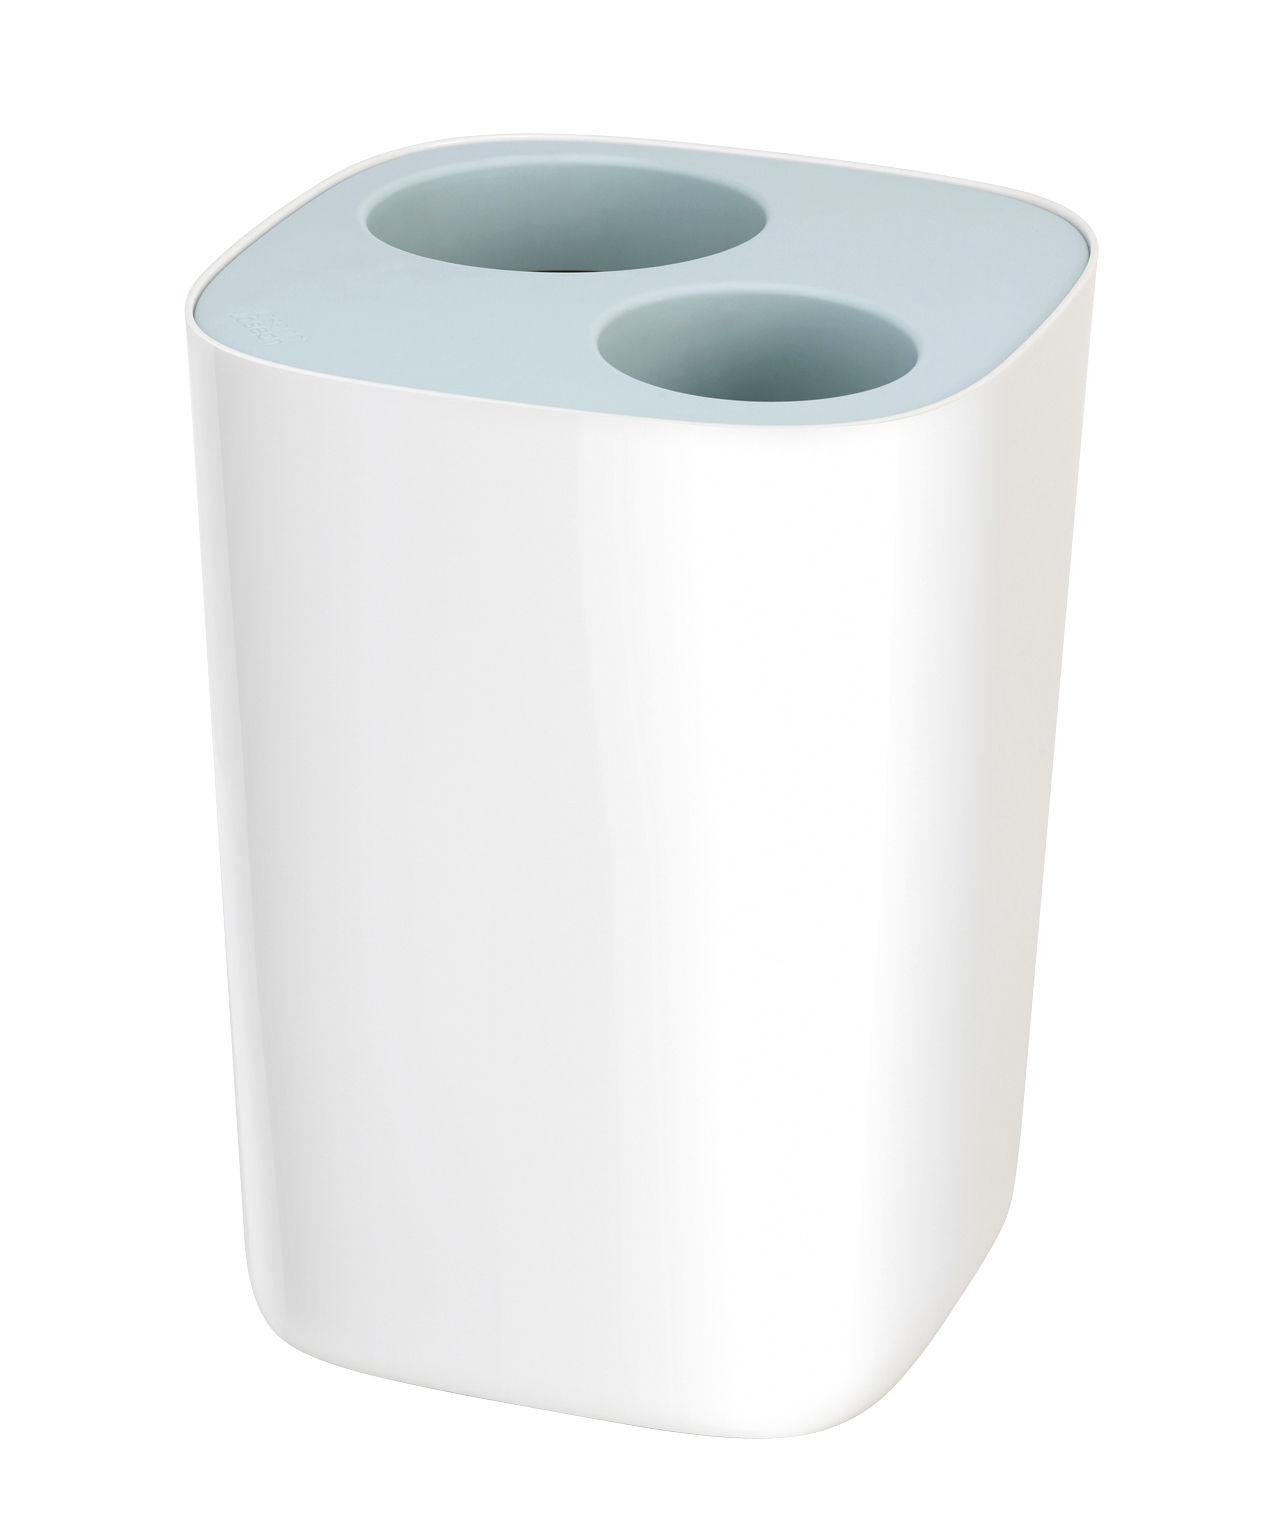 Accessoires - Accessoires salle de bains - Poubelle de tri Split / Pour salle de bains - 8 L - Joseph Joseph - Bleu & Blanc - ABS